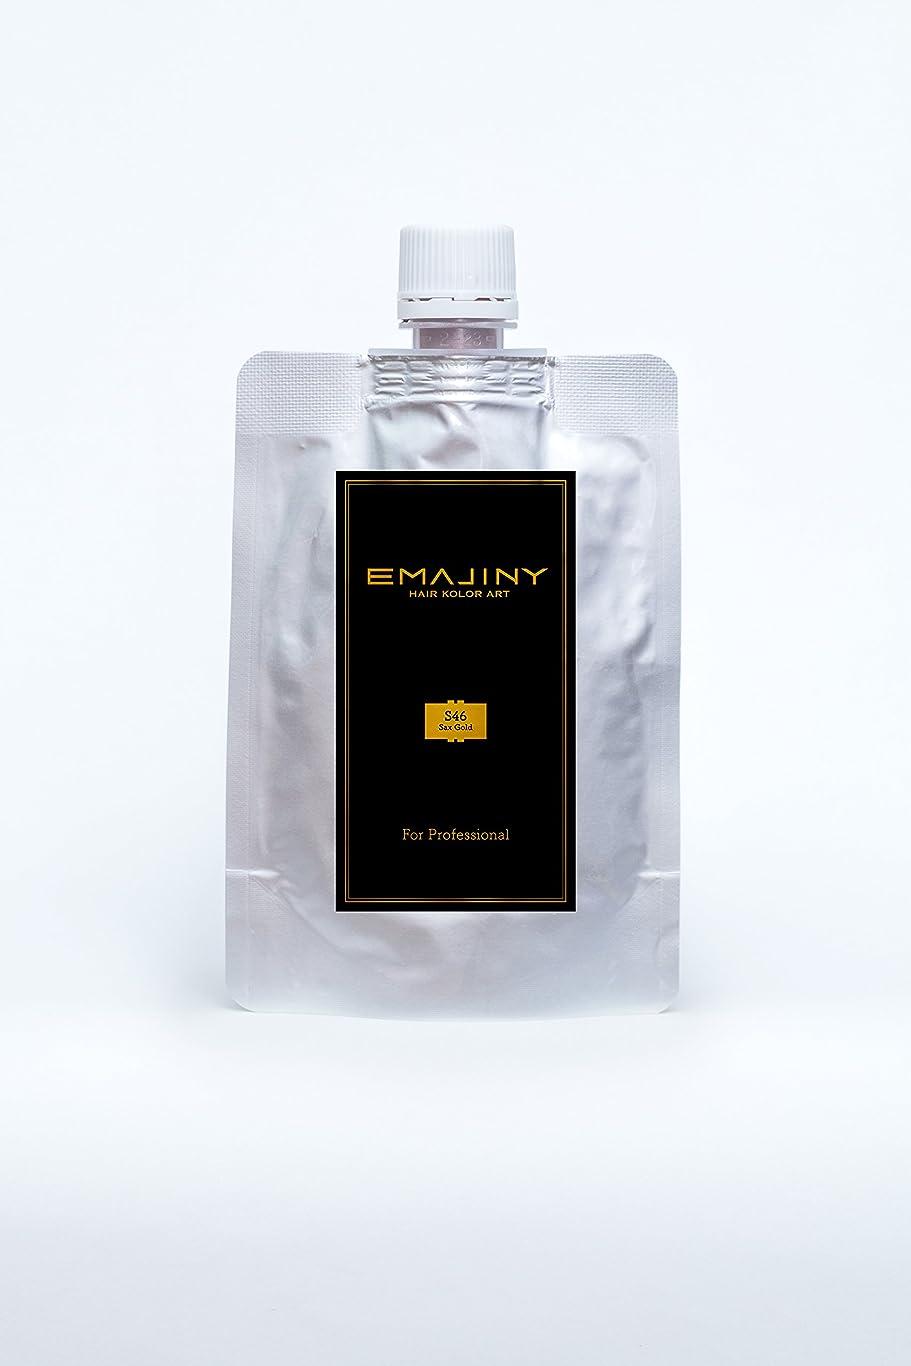 狼私の噴火EMAJINY Sax Gold S46(ゴールドカラーワックス)金プロフェッショナル100g大容量パック【日本製】【無香料】